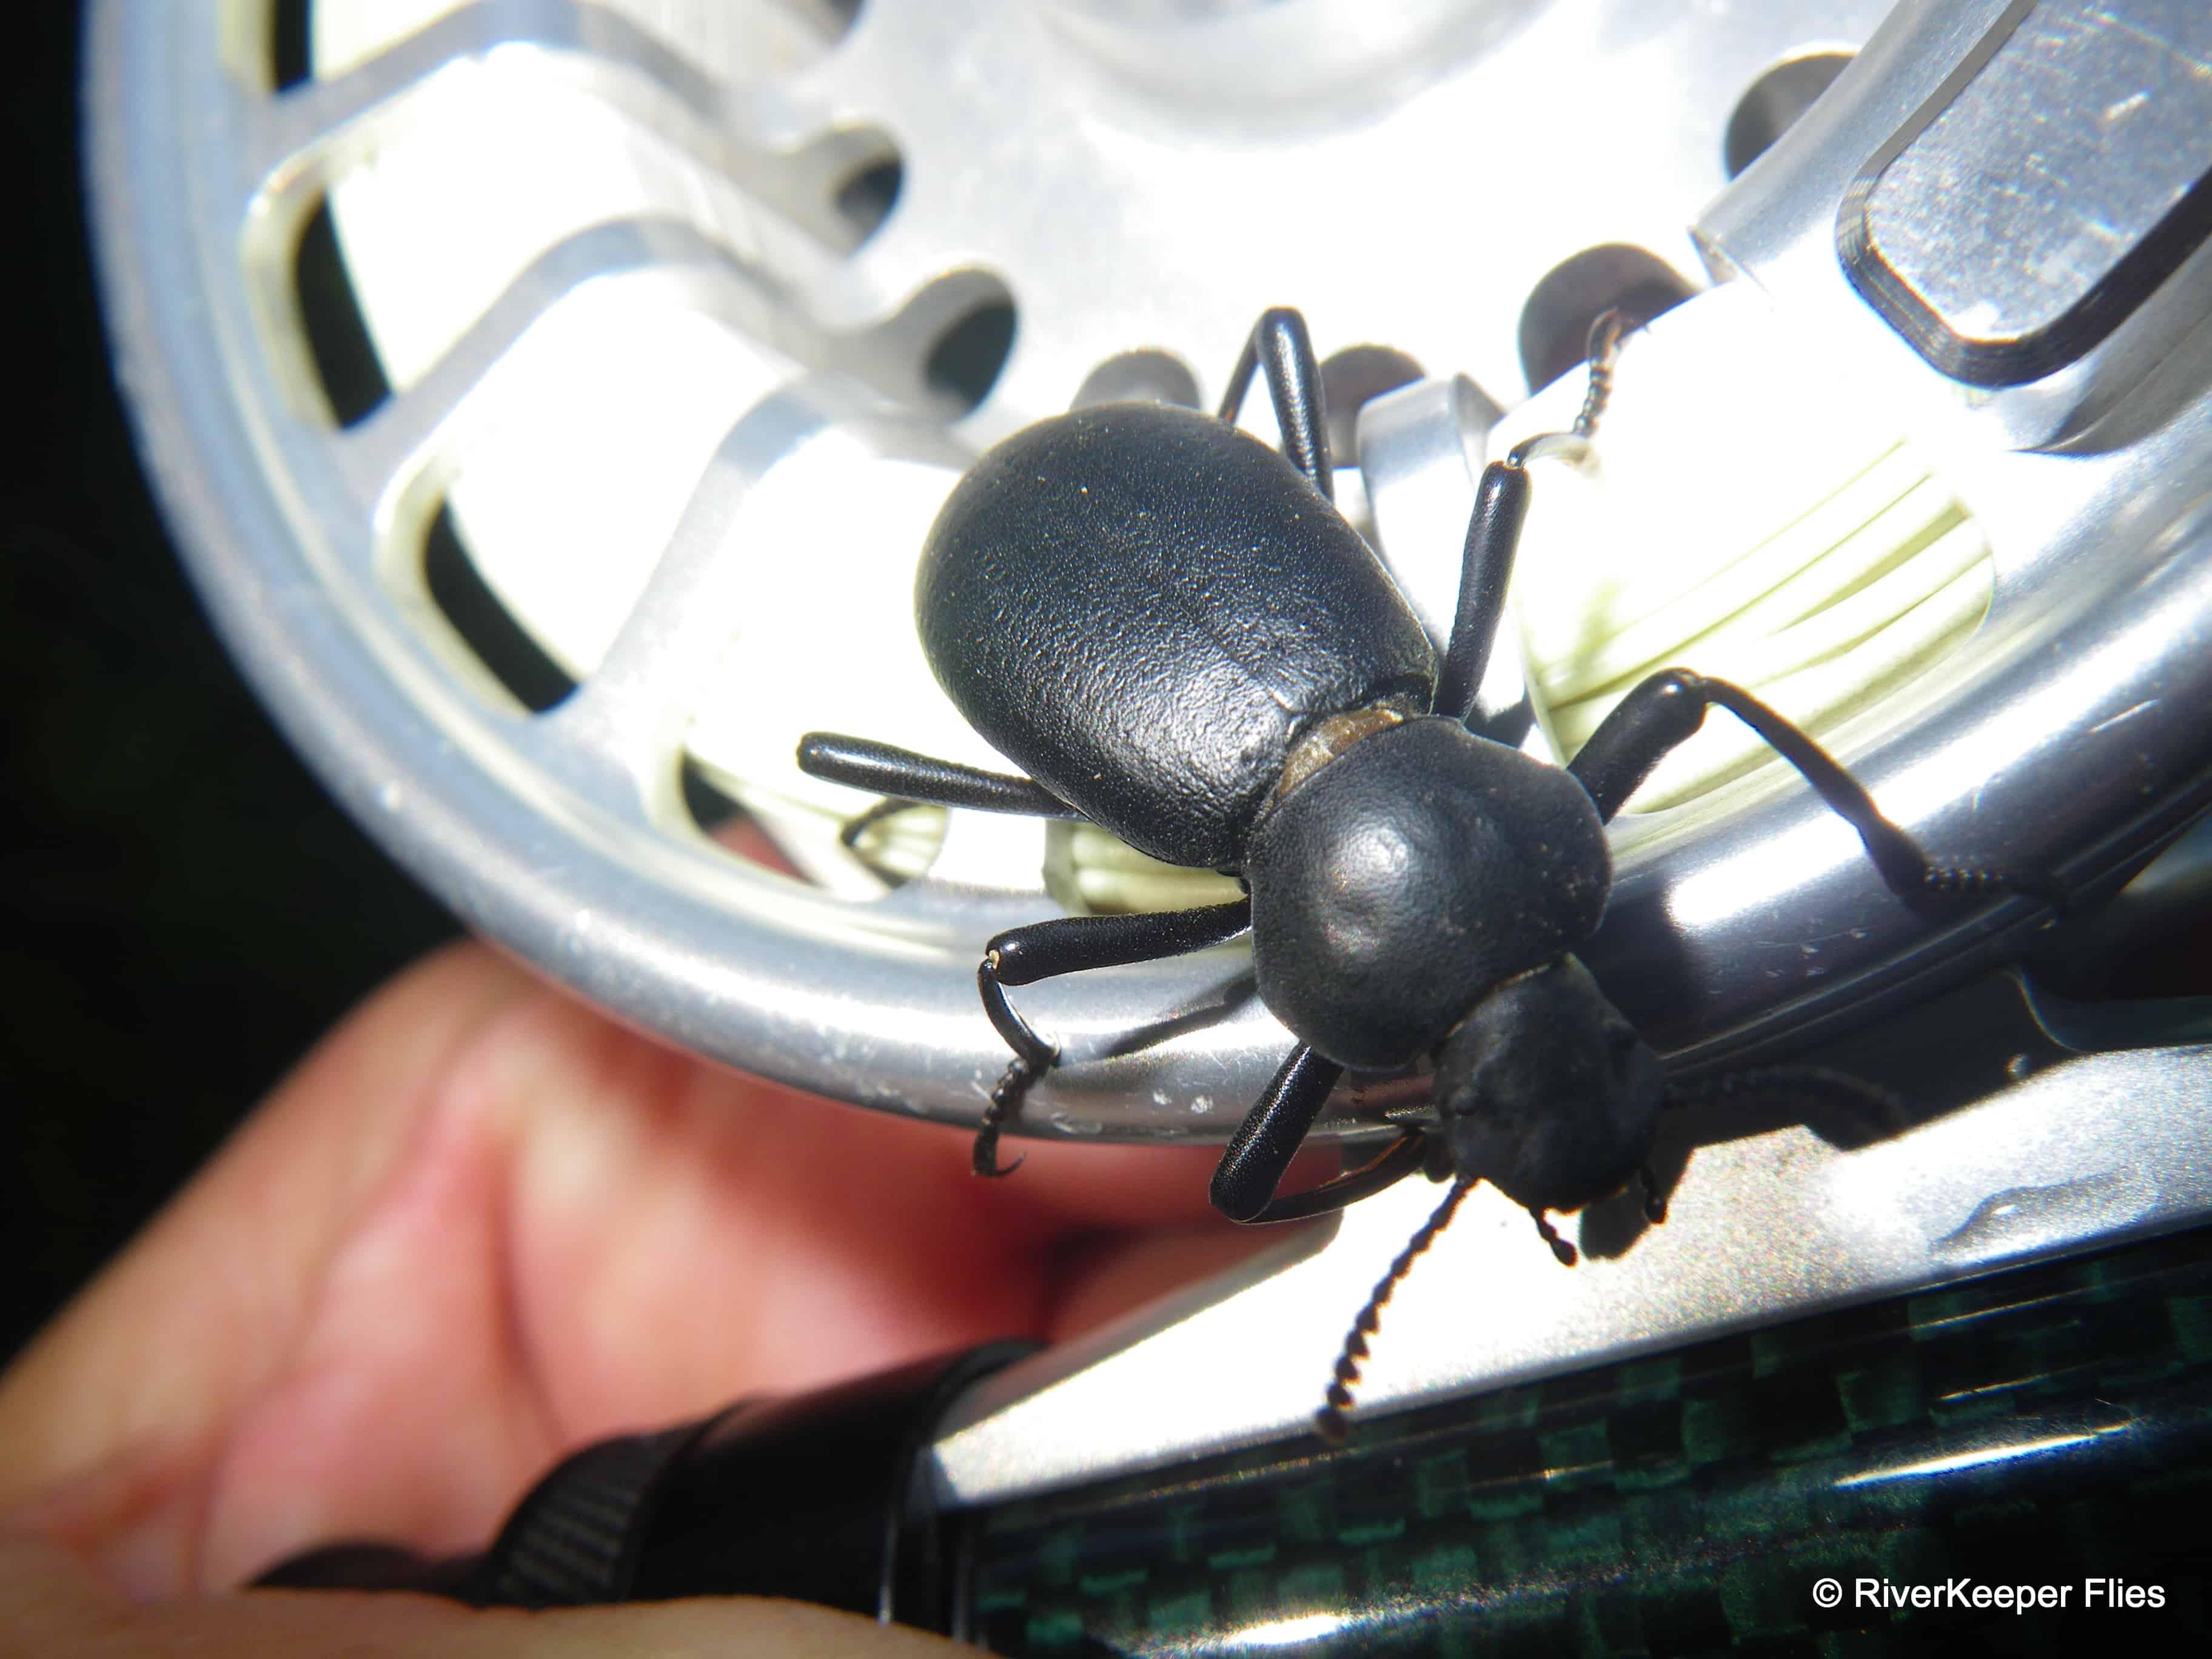 Beetle on reel | www.johnkreft.com